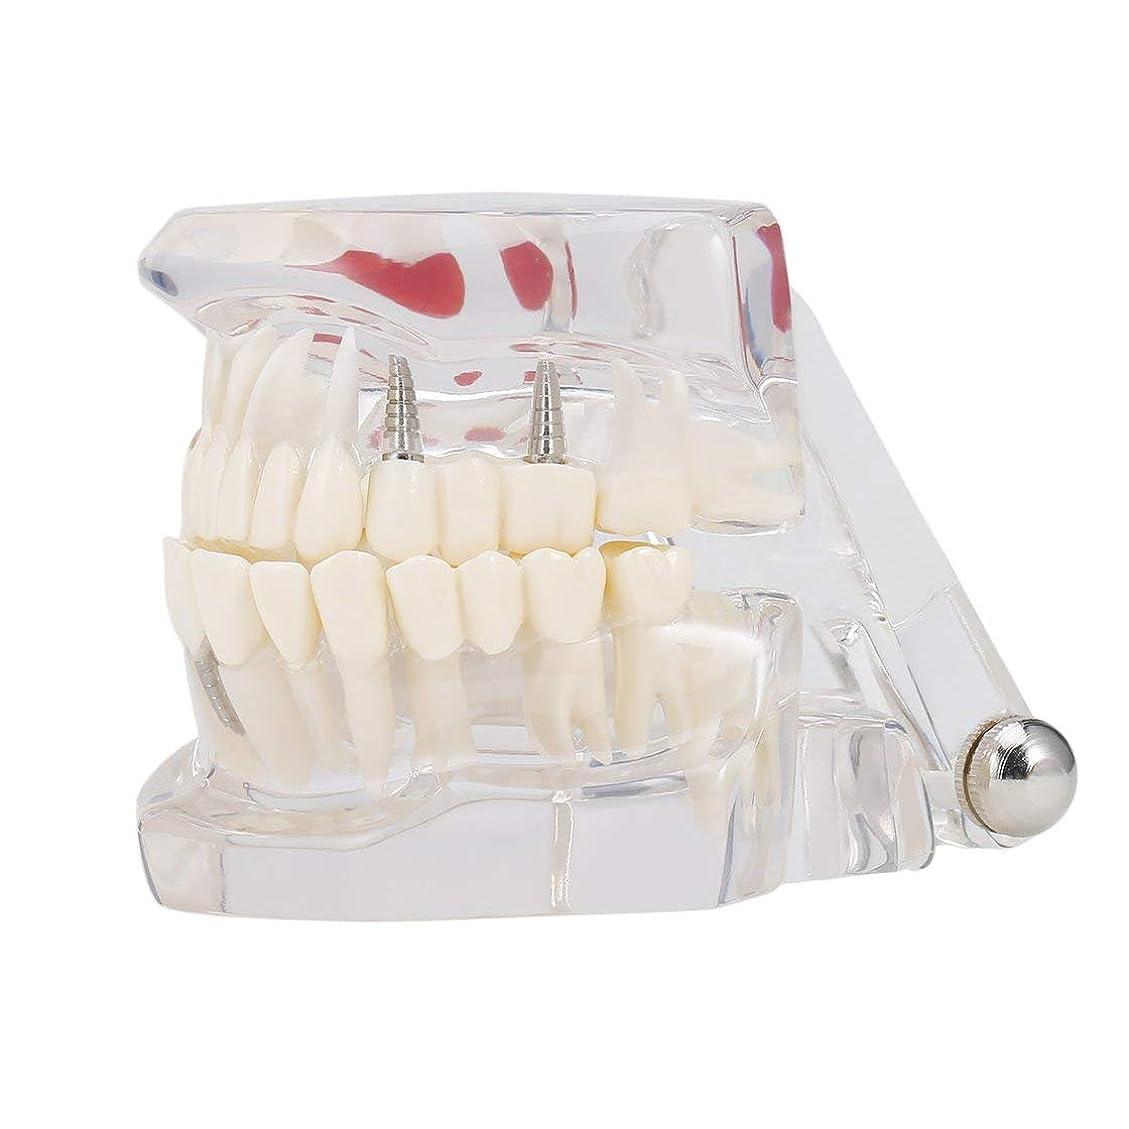 首光沢グリース専門の取り外し可能な偽の歯の歯の病気のモルデルの歯科インプラント回復表示医院の病院の教育使用 (色:黒)(Rustle666)